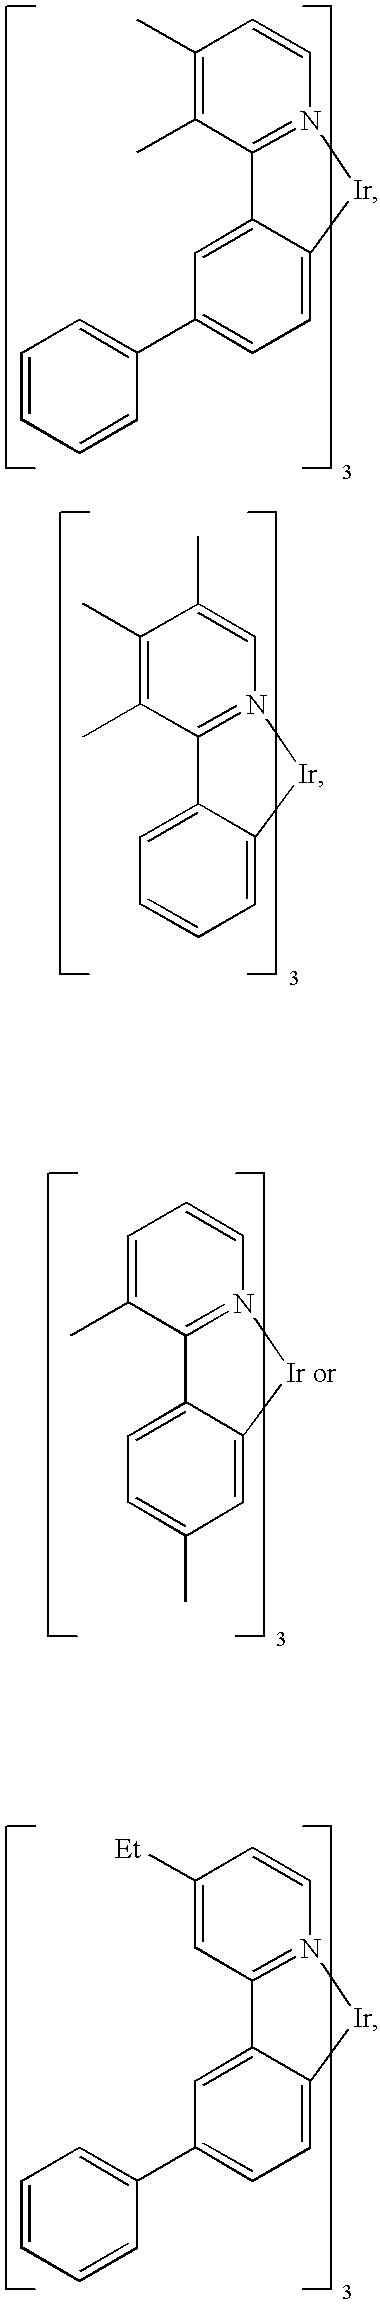 Figure US20070003789A1-20070104-C00129